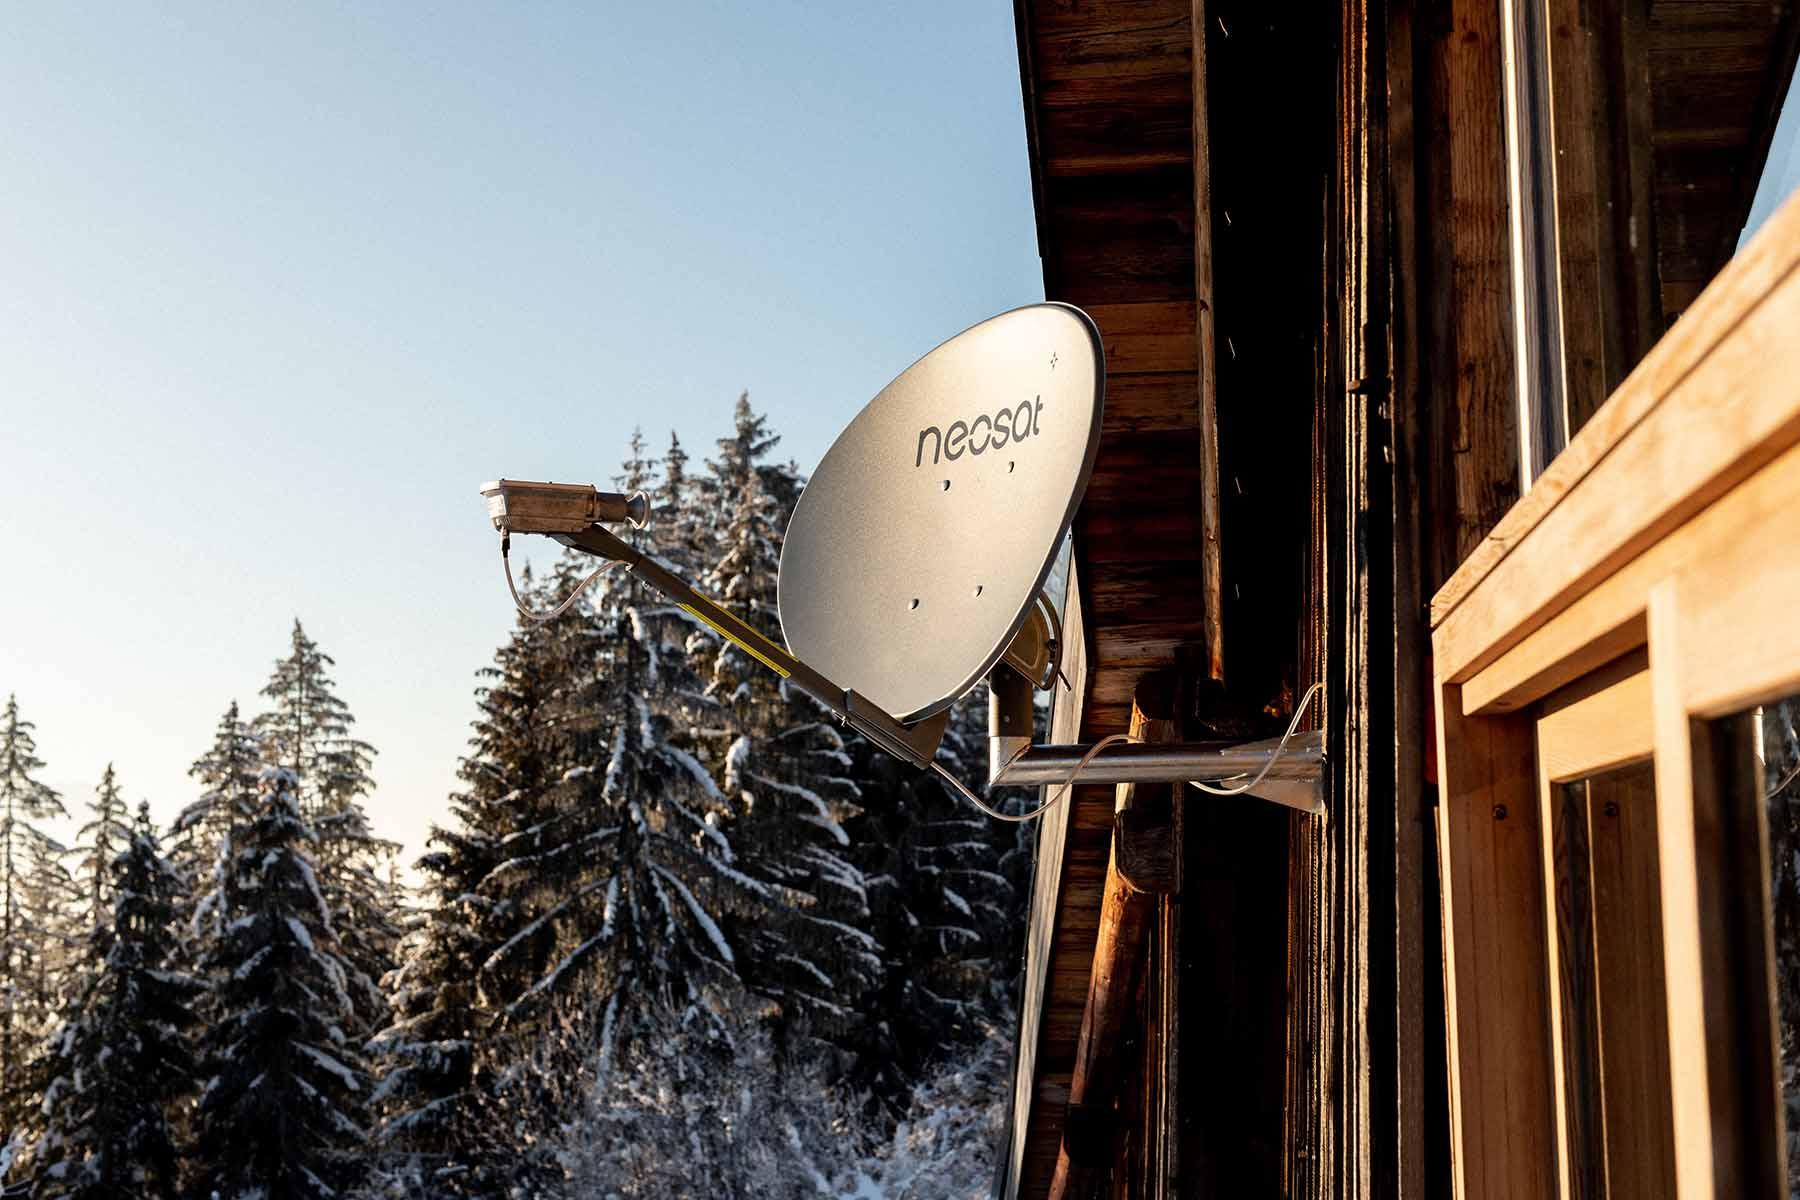 parabole neosat matériel internet tv satellite nordnet neosat